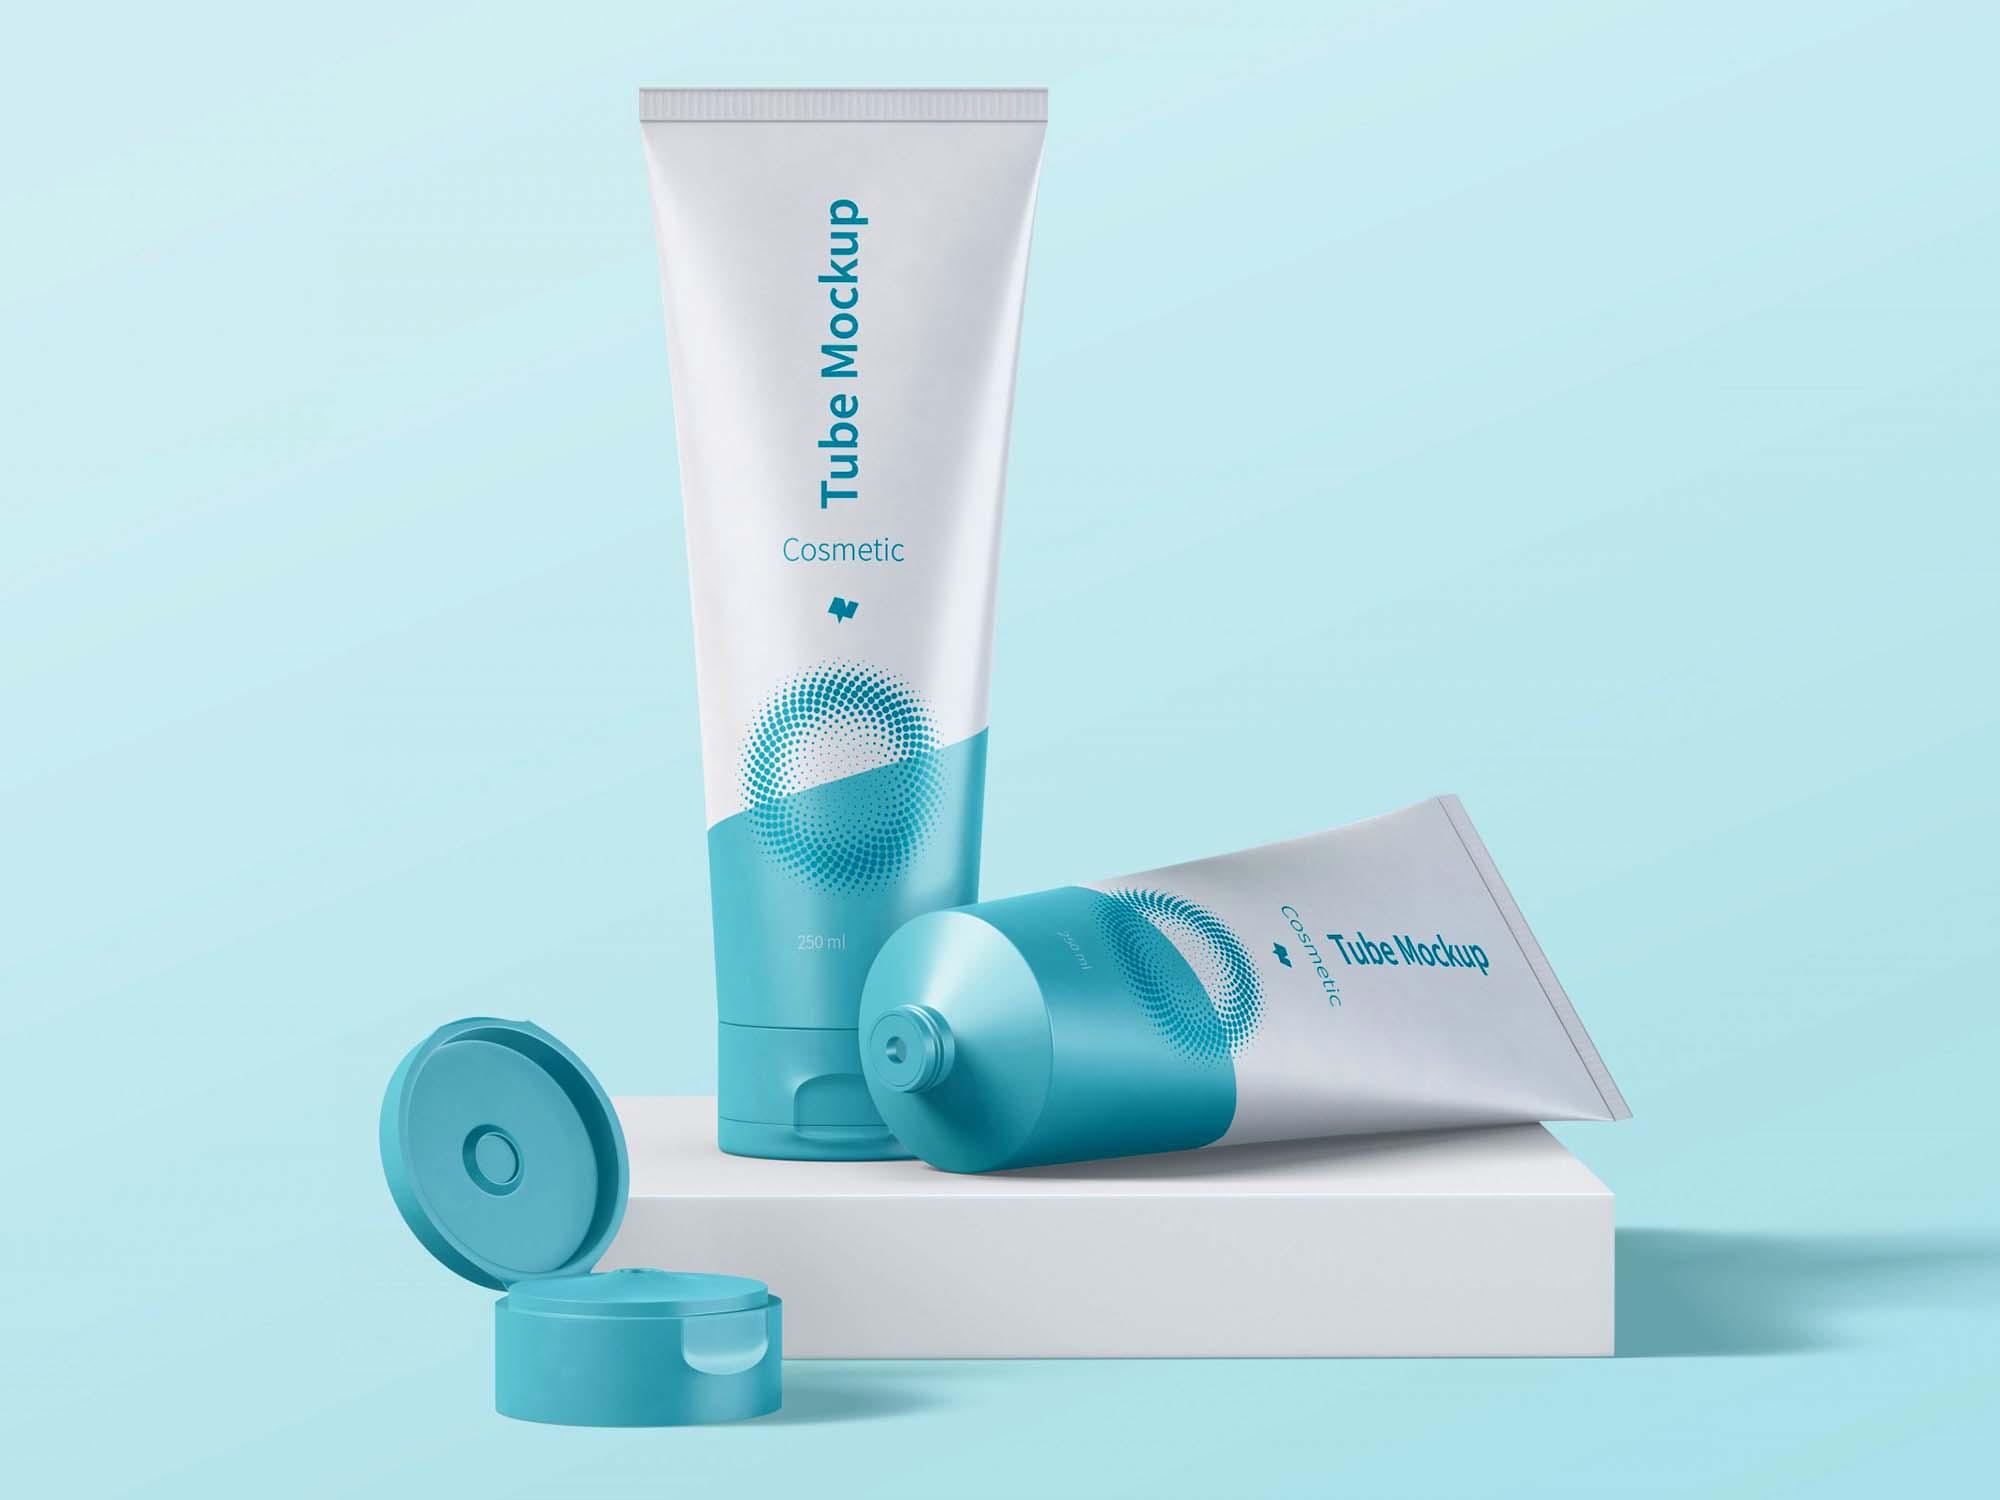 250ml Cosmetic Tubes Mockup 3